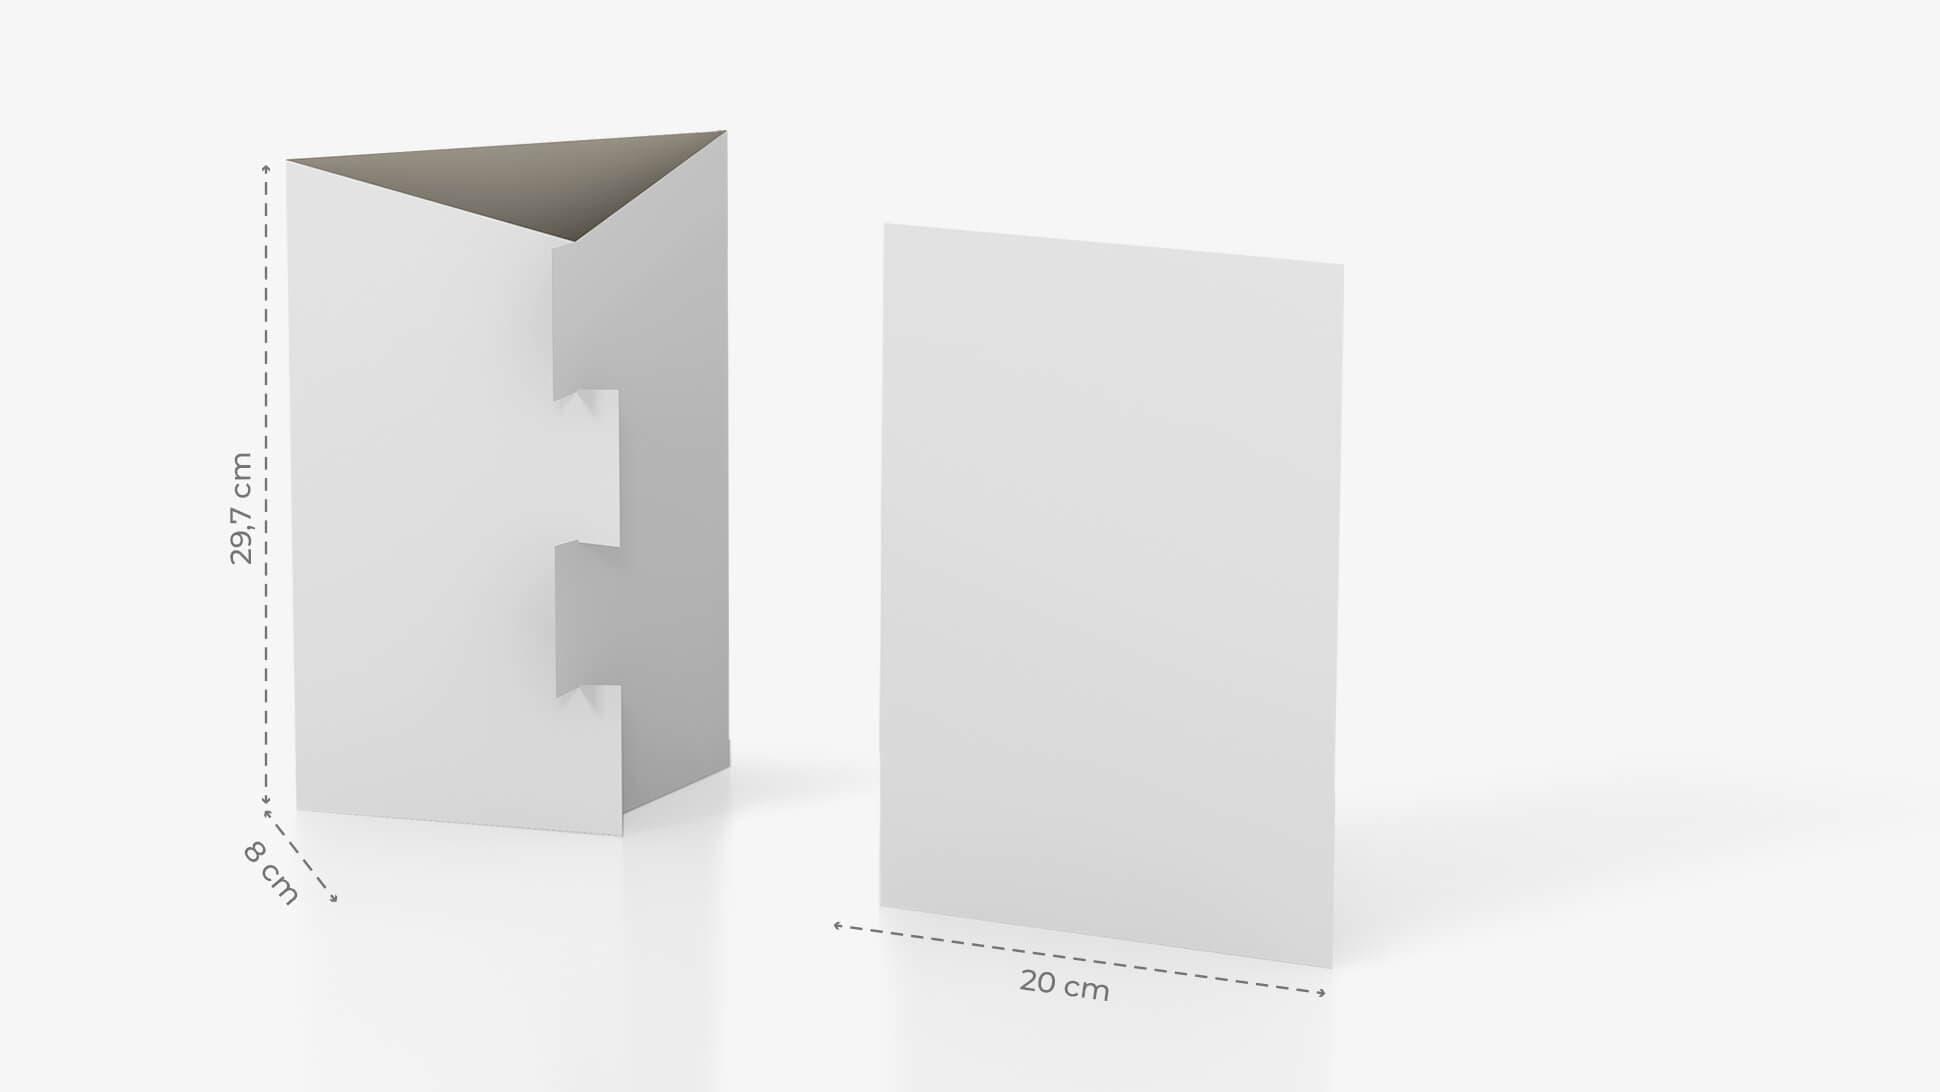 Espositore da banco A4 con incastro e grafica personalizzabile | tictac.it